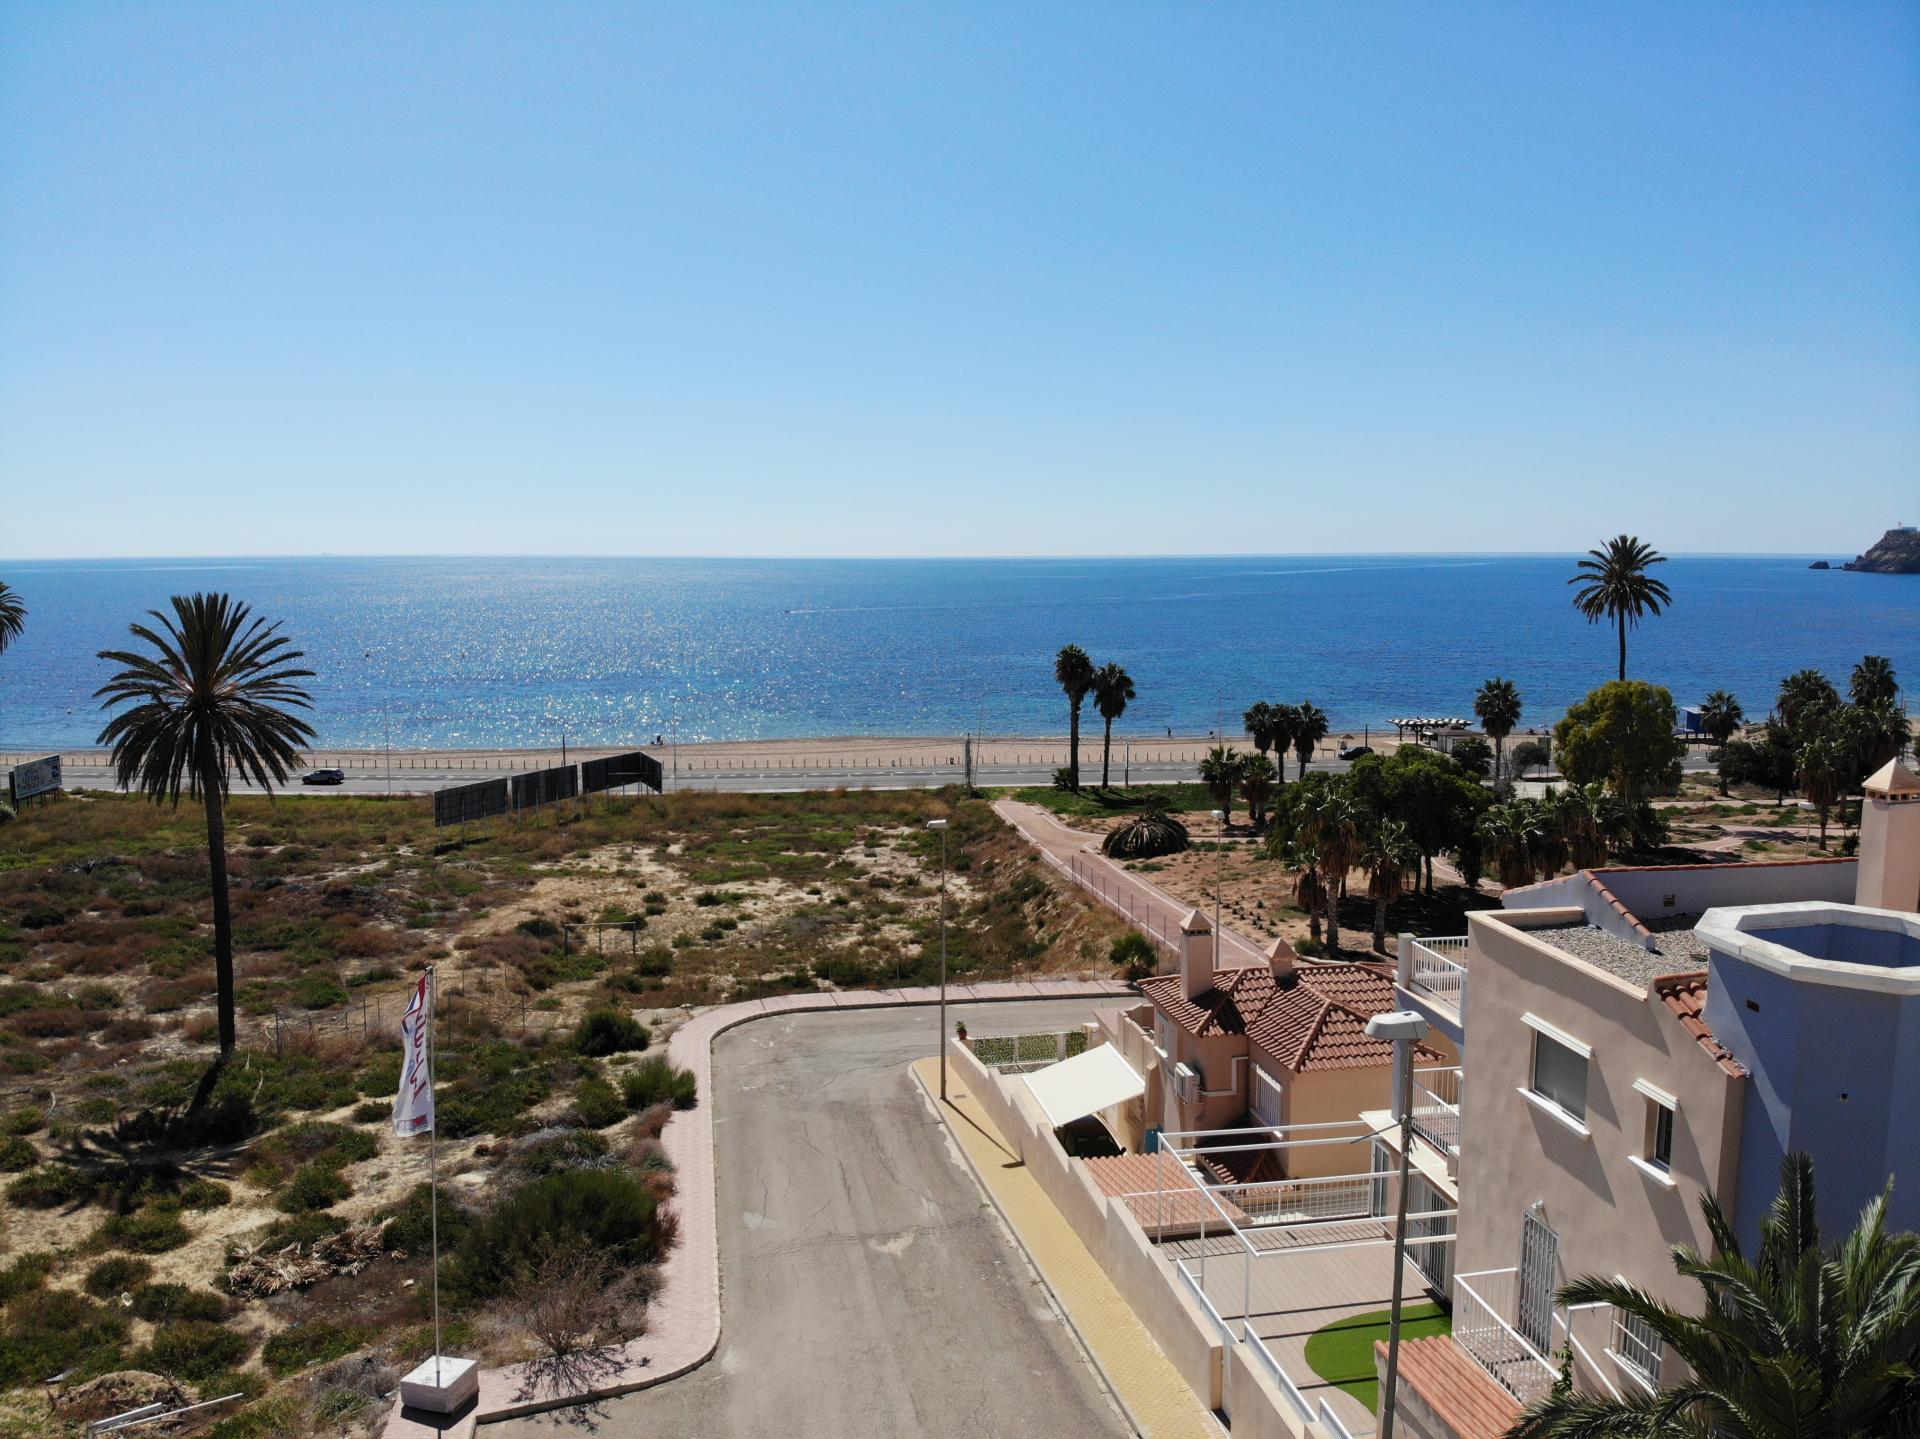 Infinity beach - El Alamillo, Puerto de Mazarrón